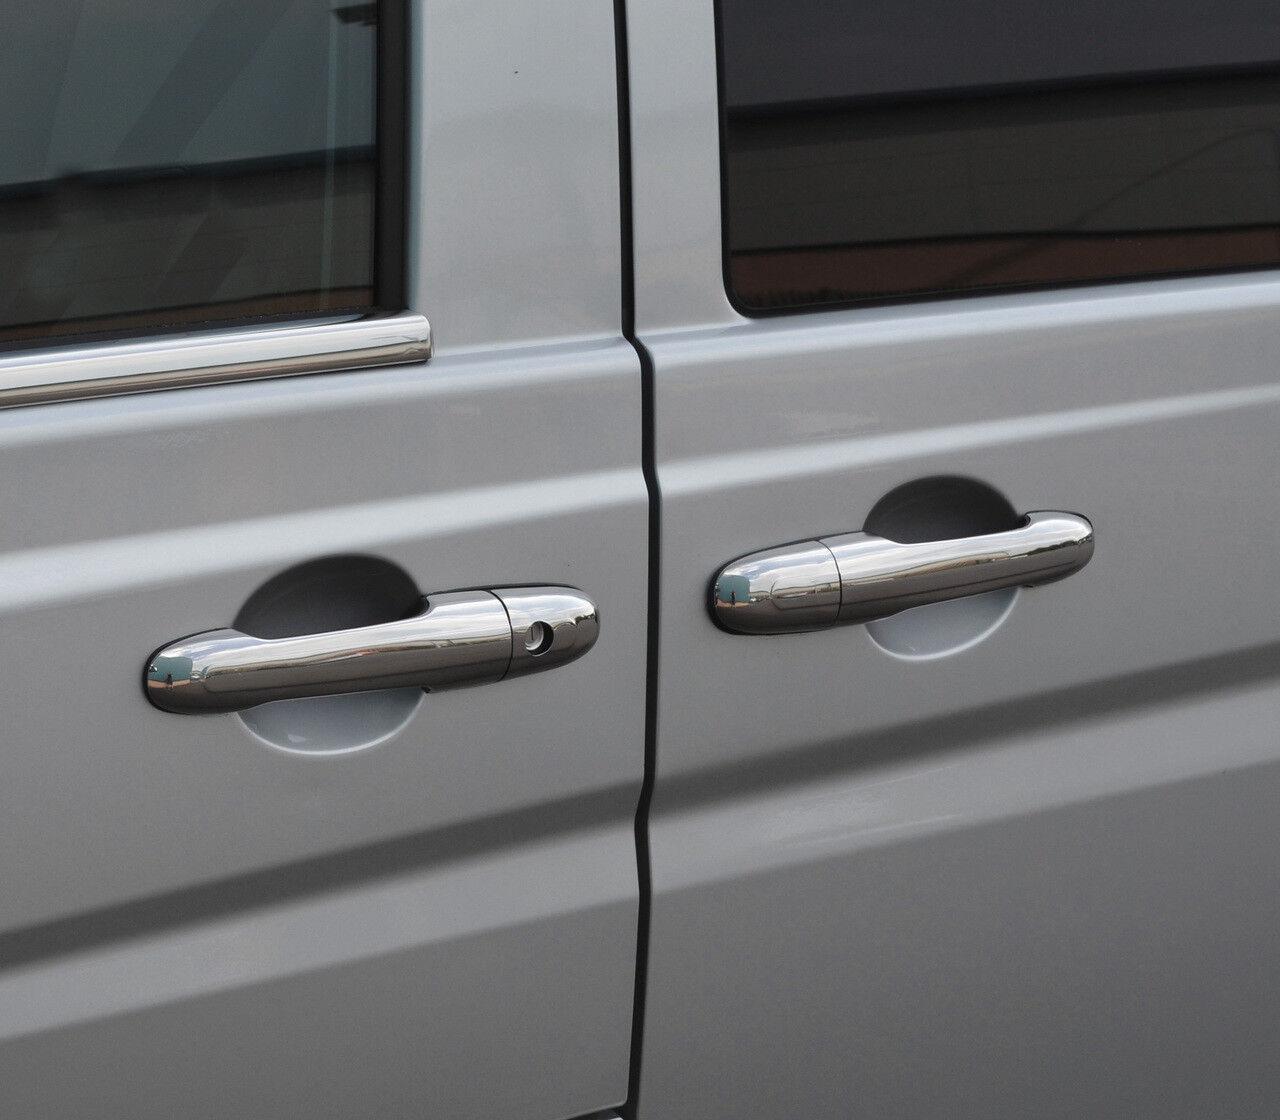 Tapa para manilla de puerta trasera de cromo 1dr para Vito W639 03-14